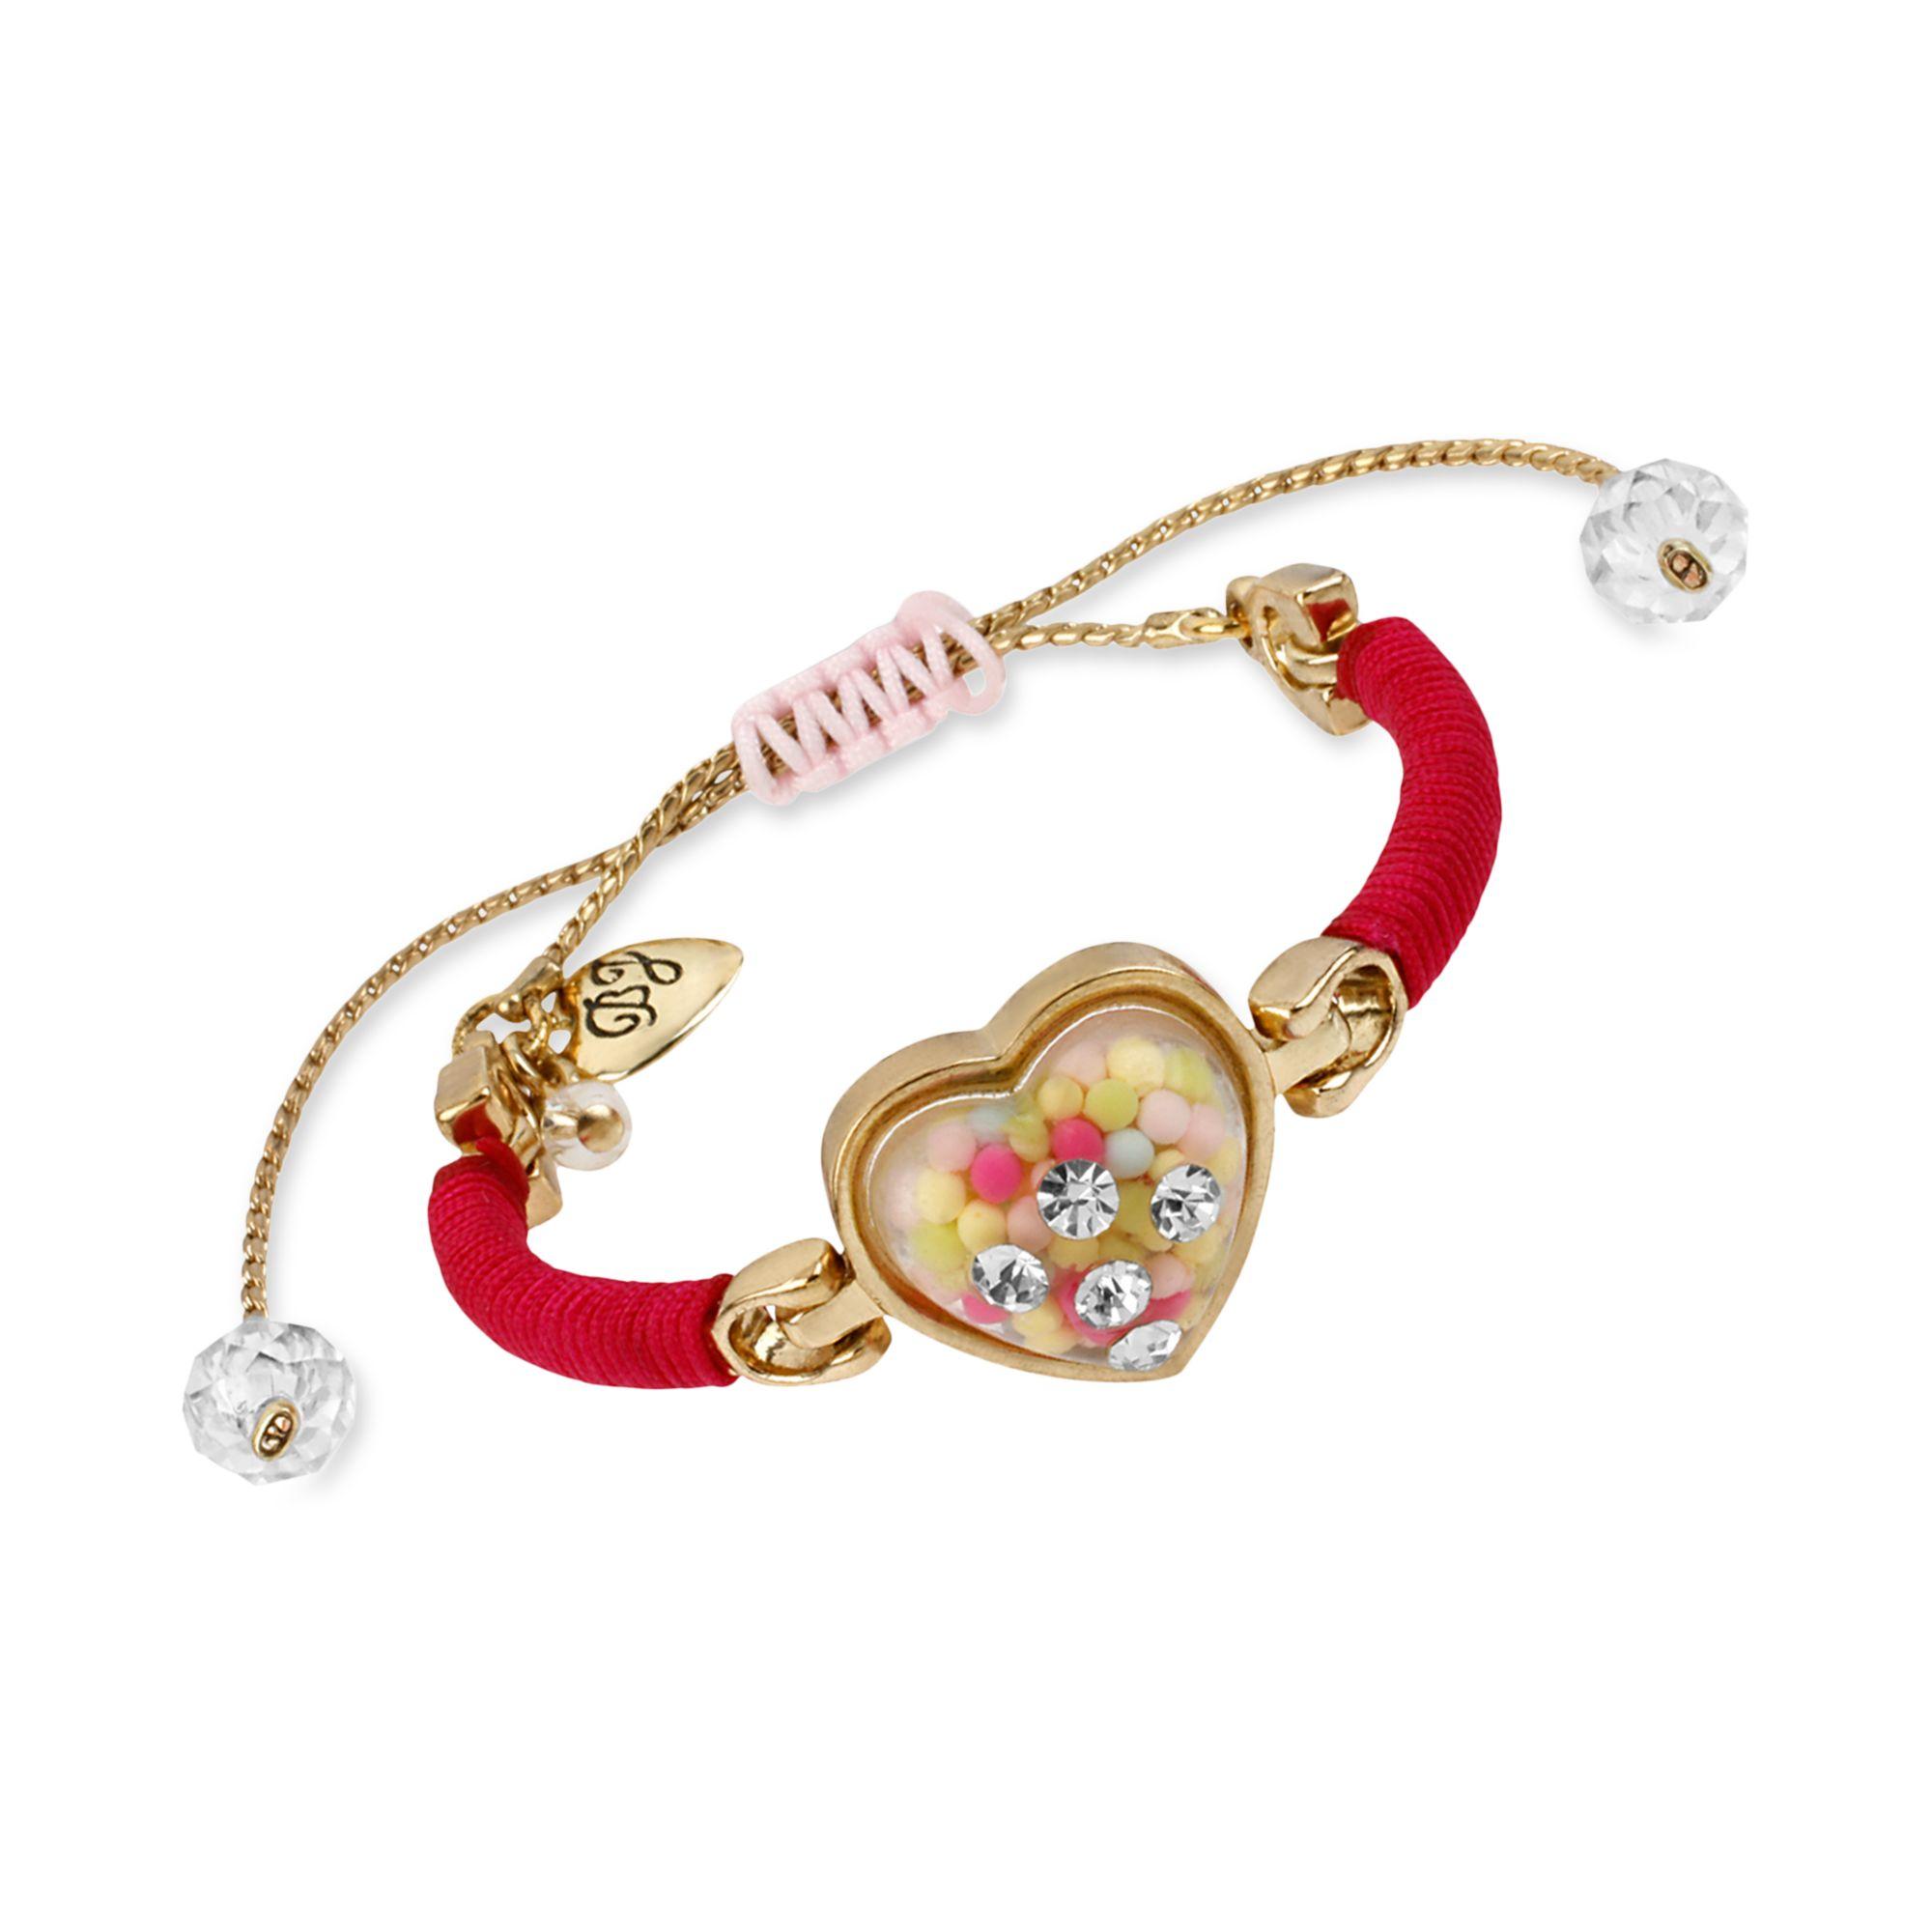 Marc jacobs heart bracelet pictures